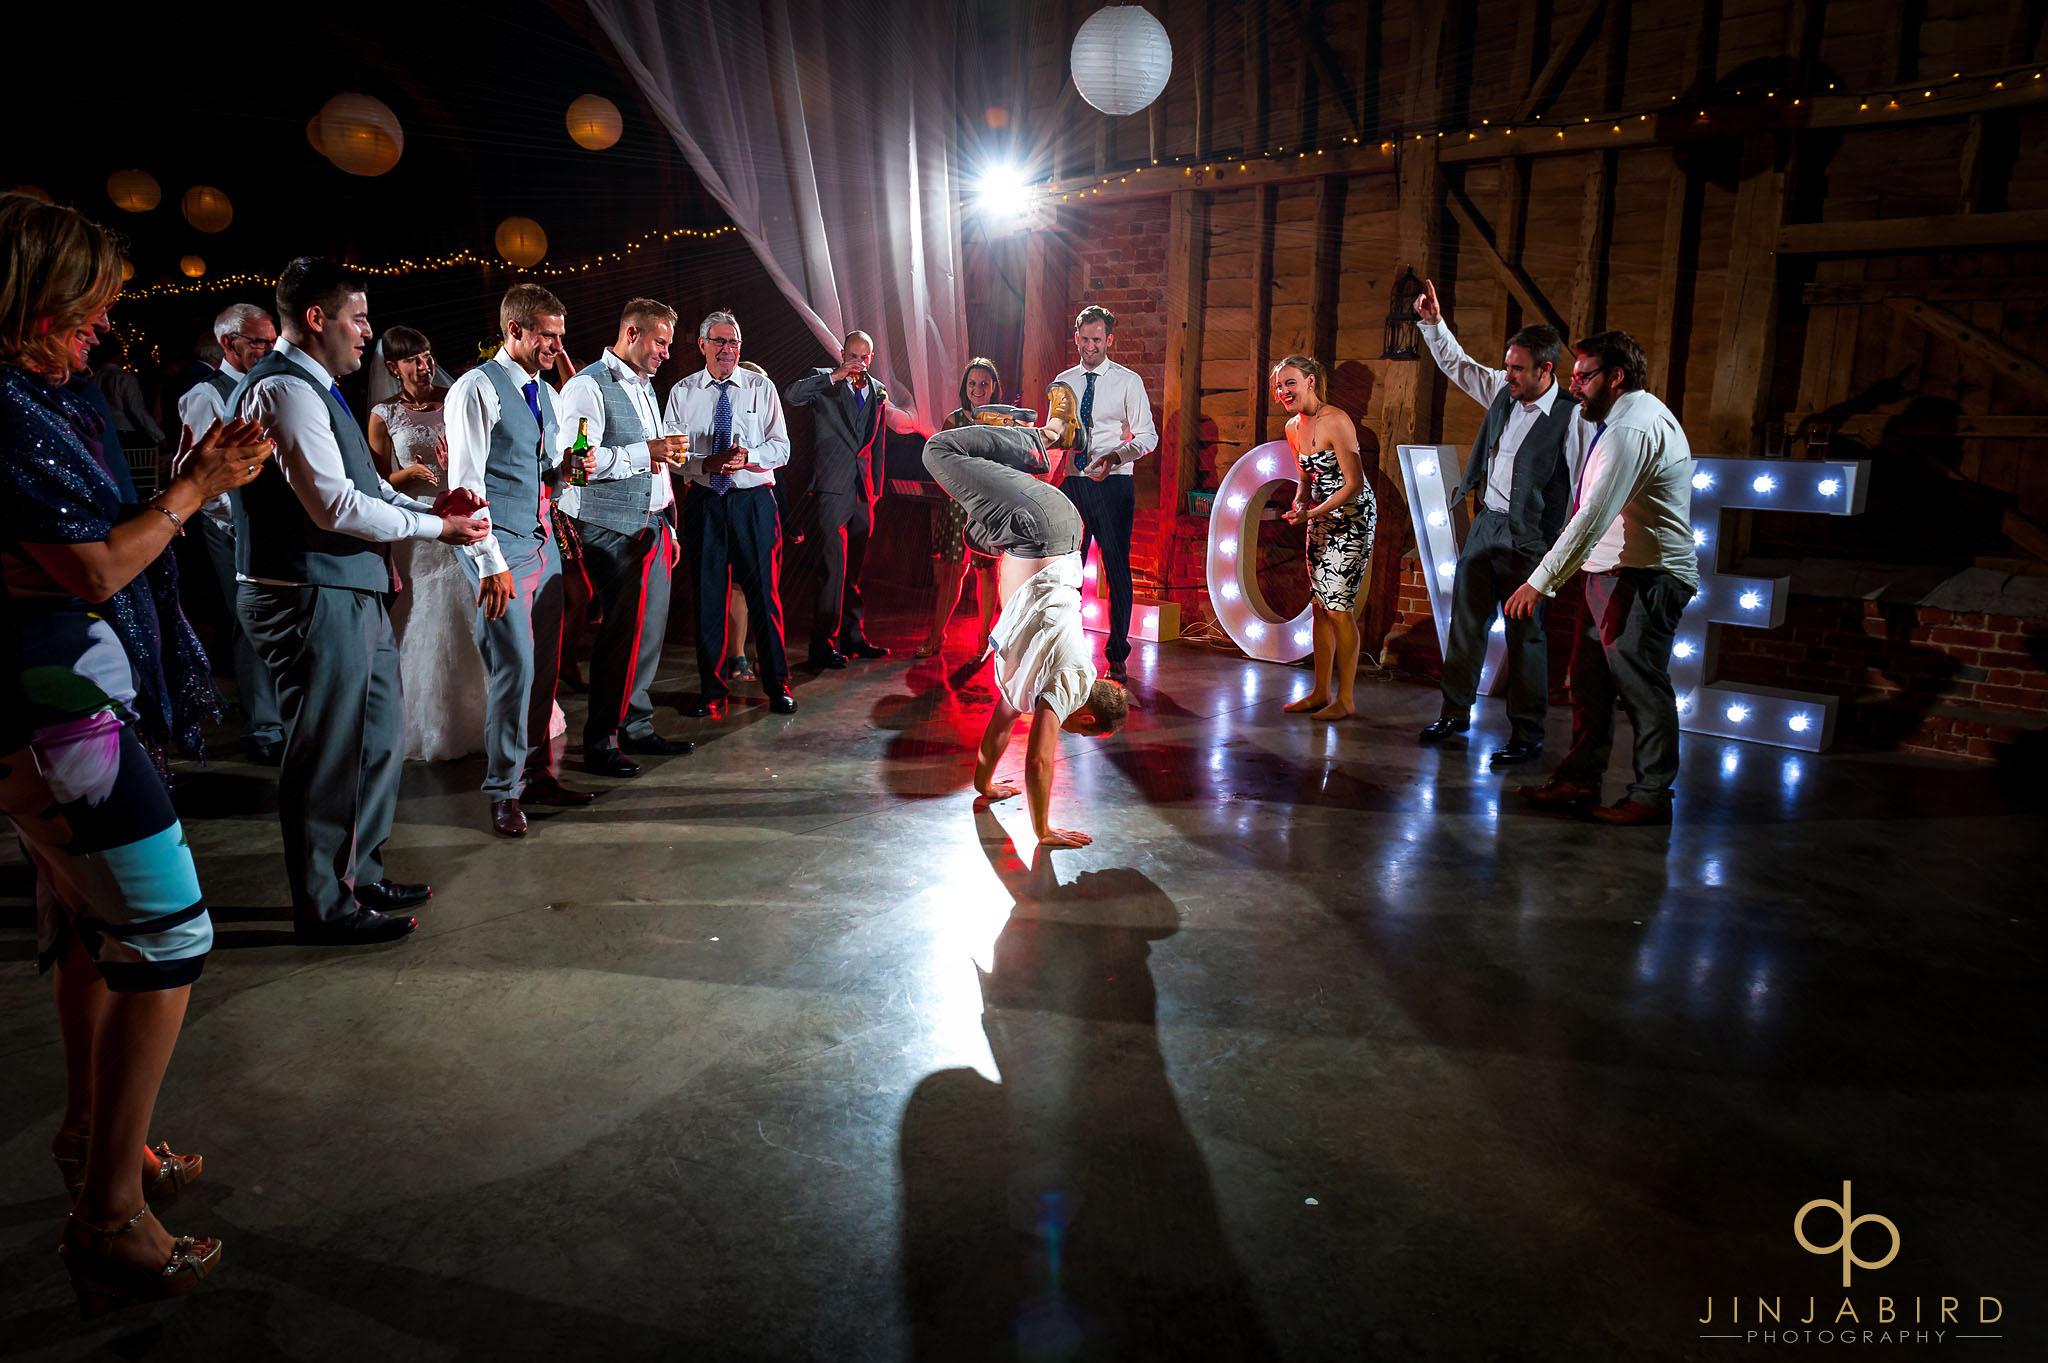 childerley hall wedding guests dancing